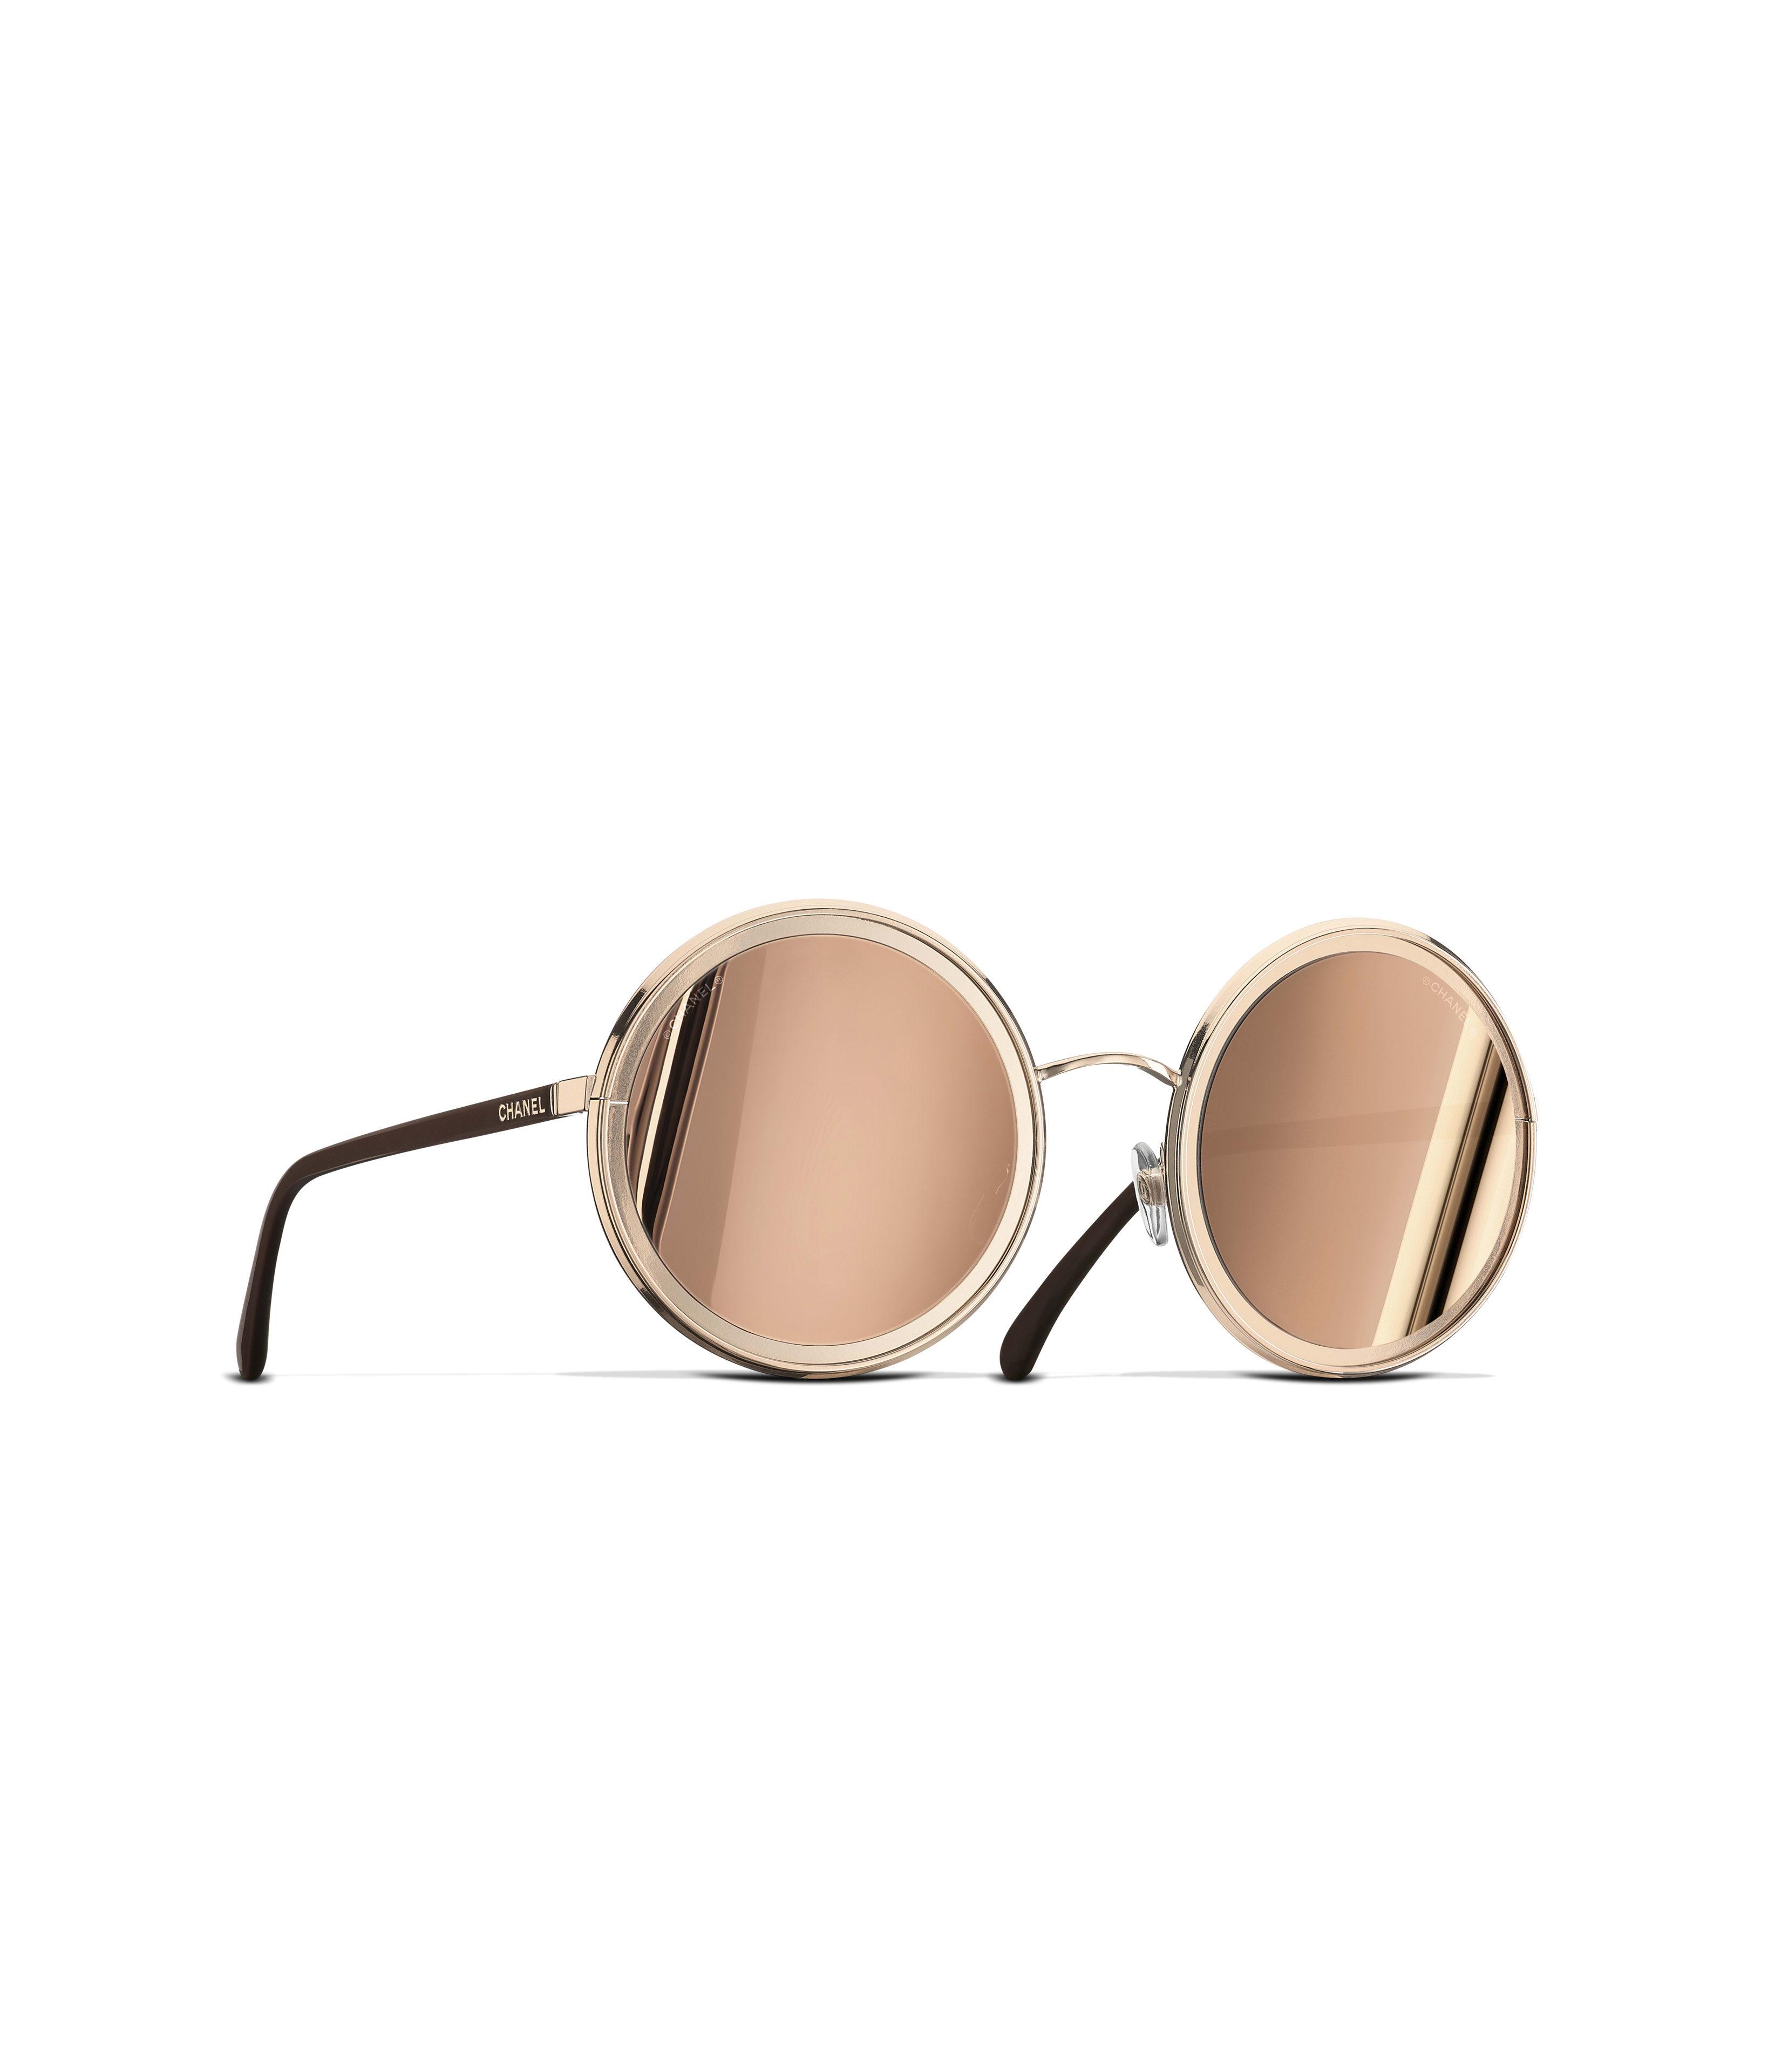 133c6a4aaac56 Óculos De Sol Redondo